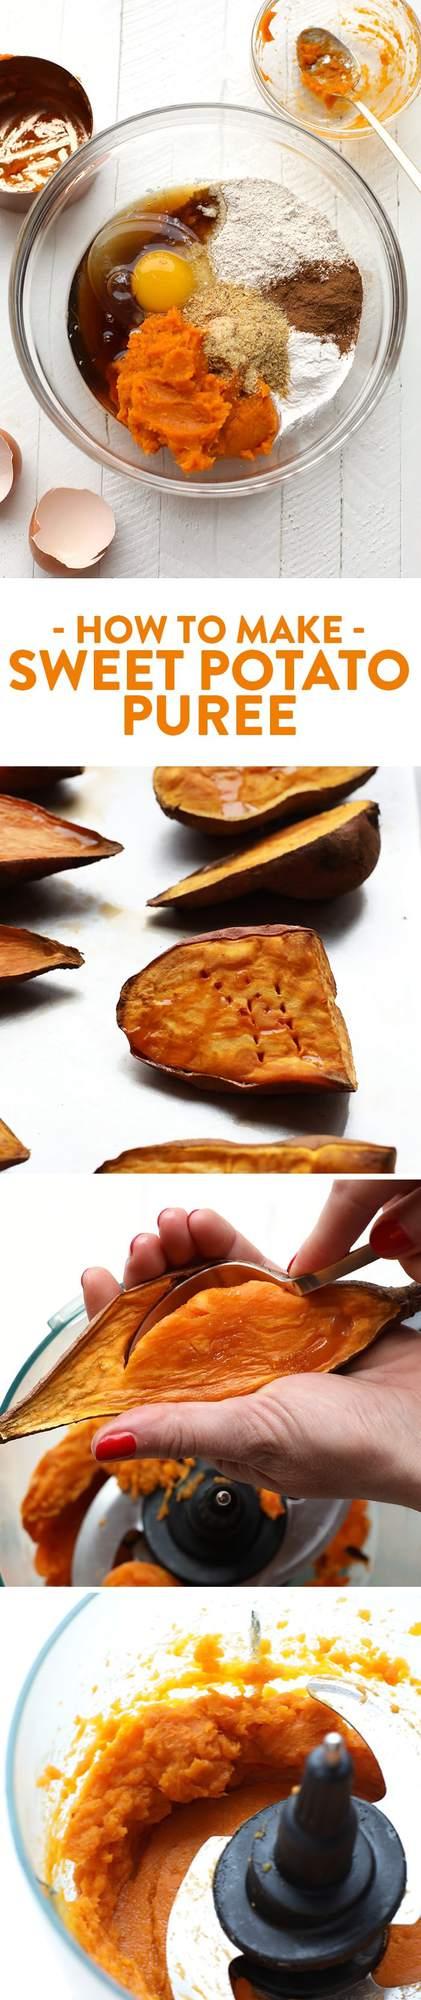 Homemade Sweet Potato Puree